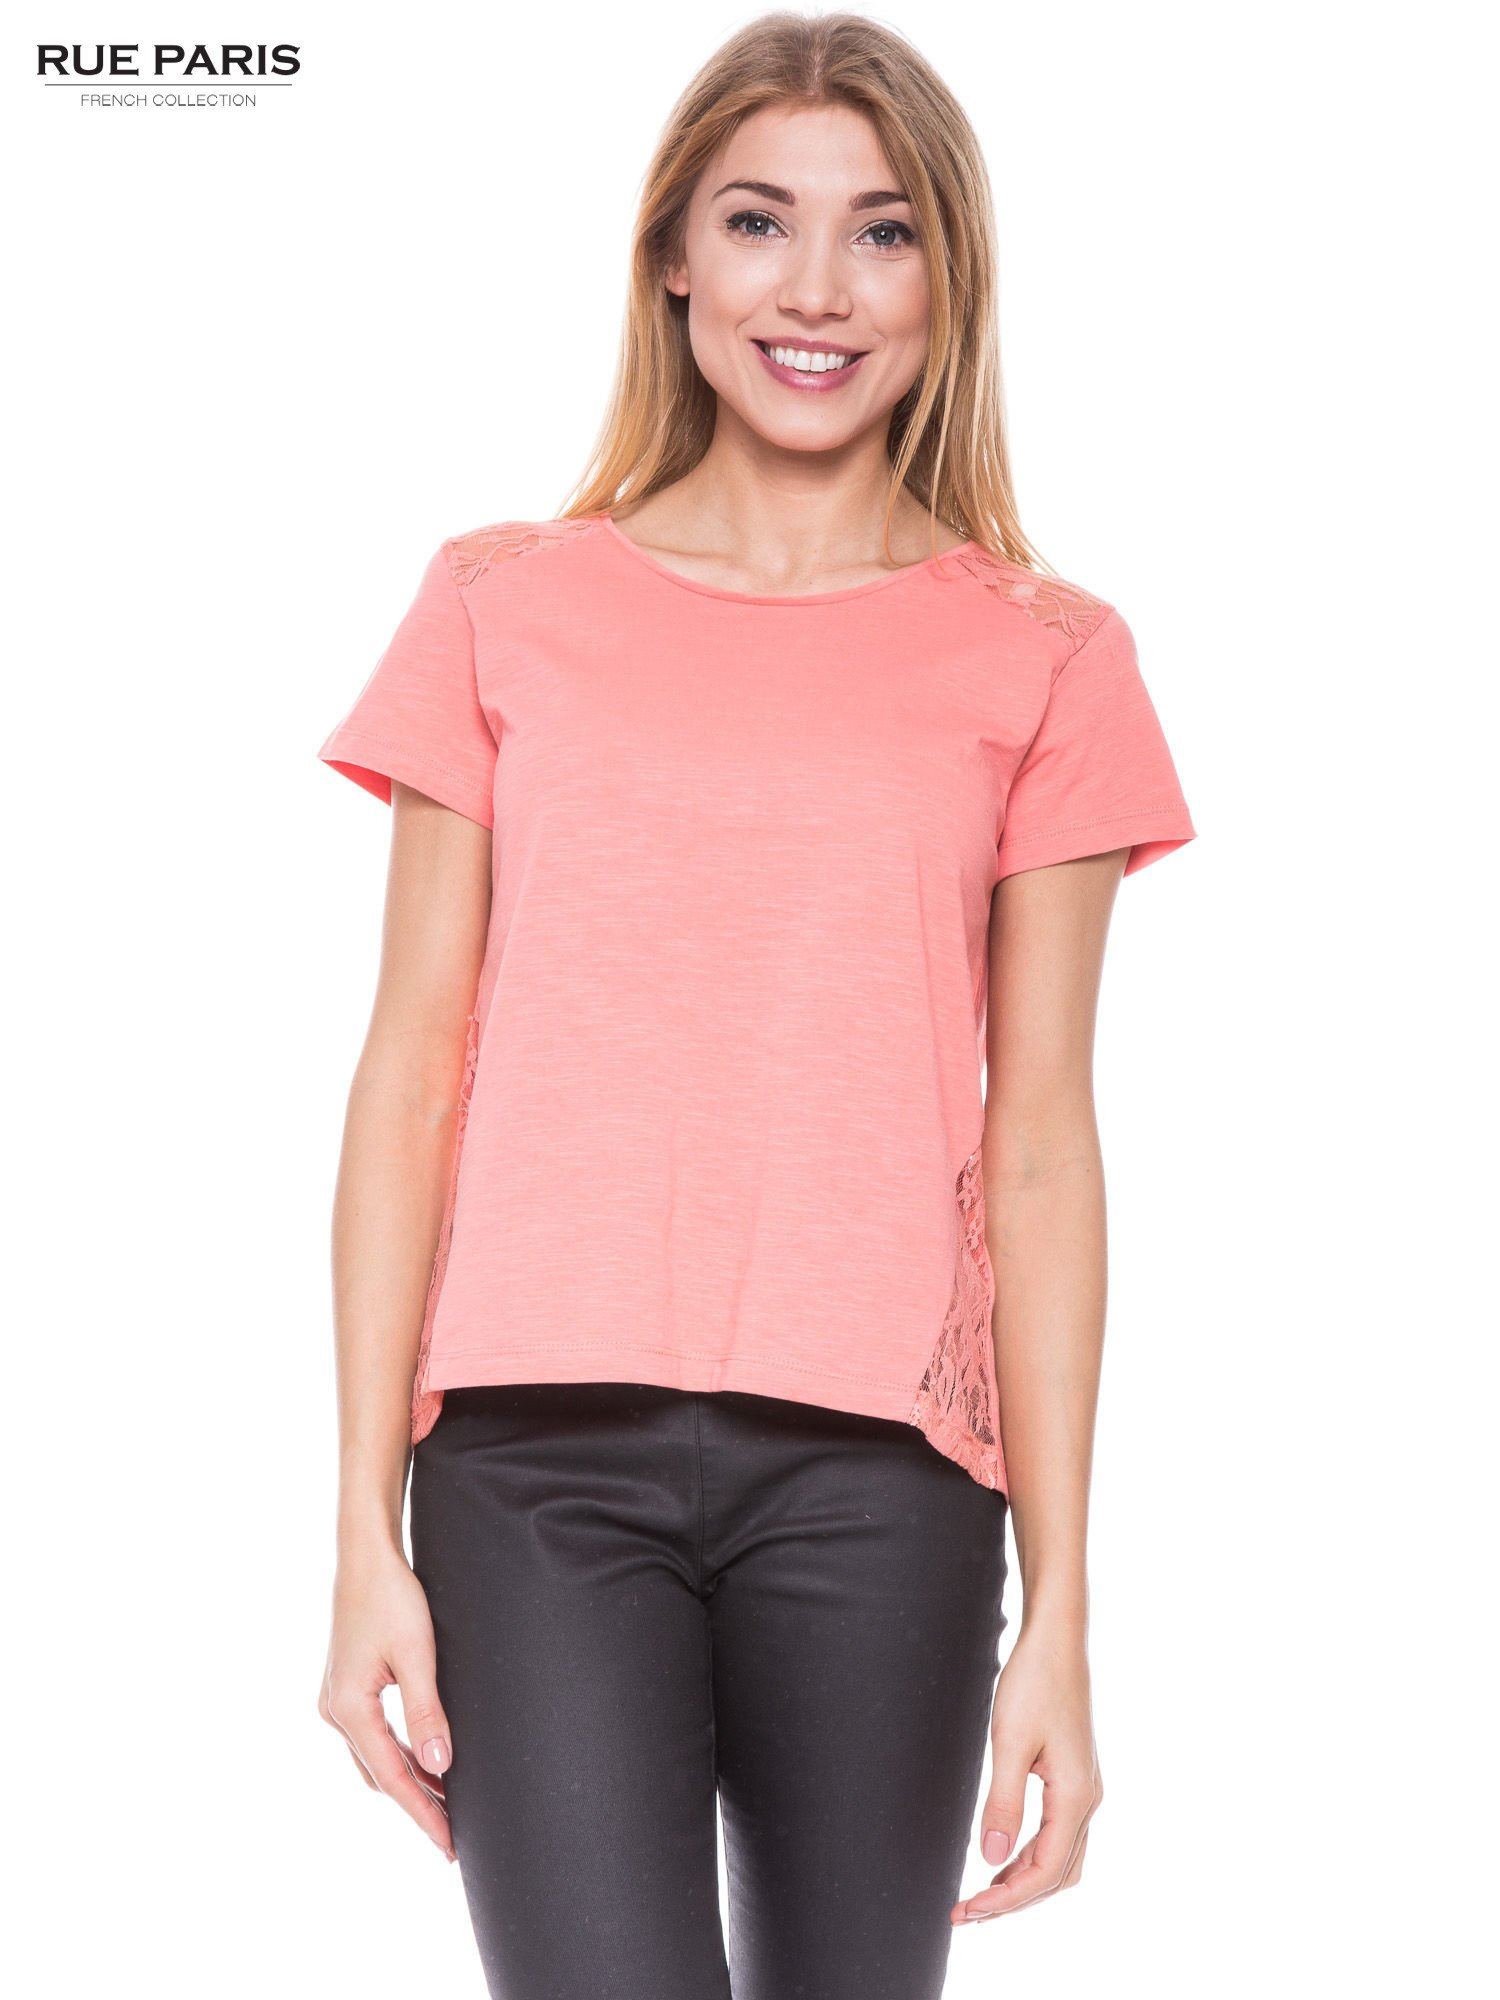 Koralowy t-shirt z koronkowymi wstawkami                                  zdj.                                  1